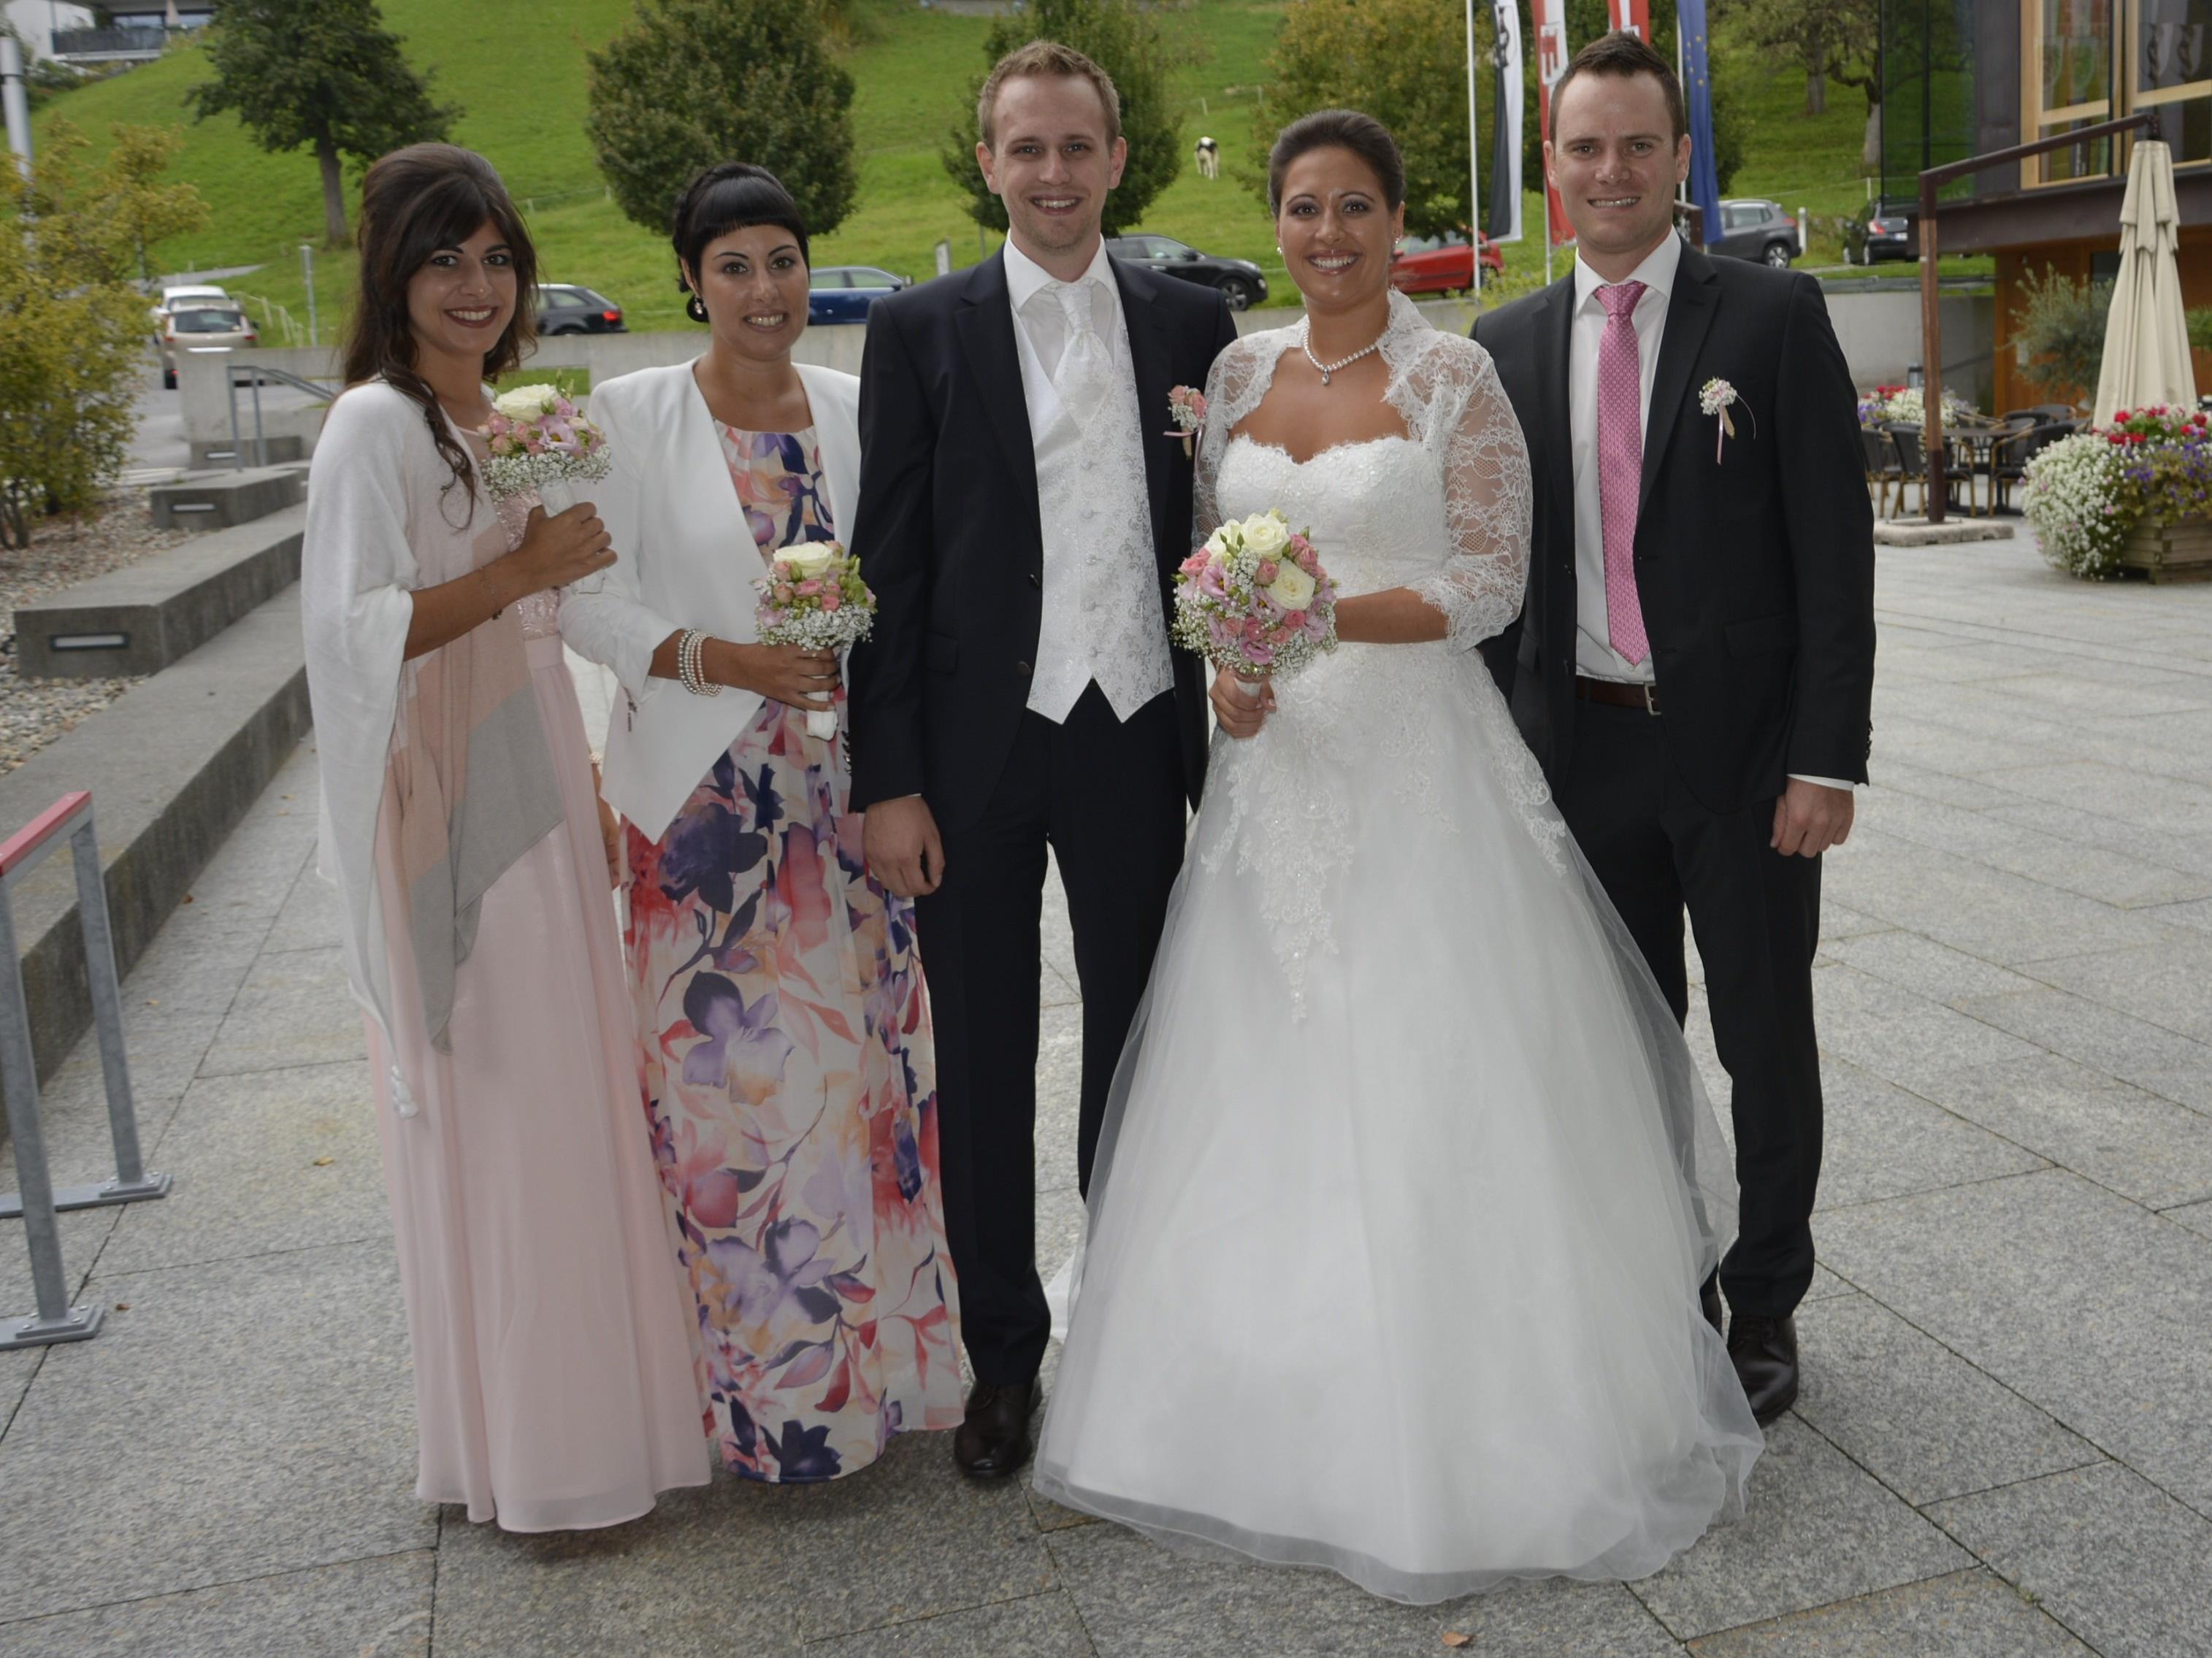 Das Brautpaar mit den Trauzeugen bei der standesamtlichen Trauung in Schwarzach.